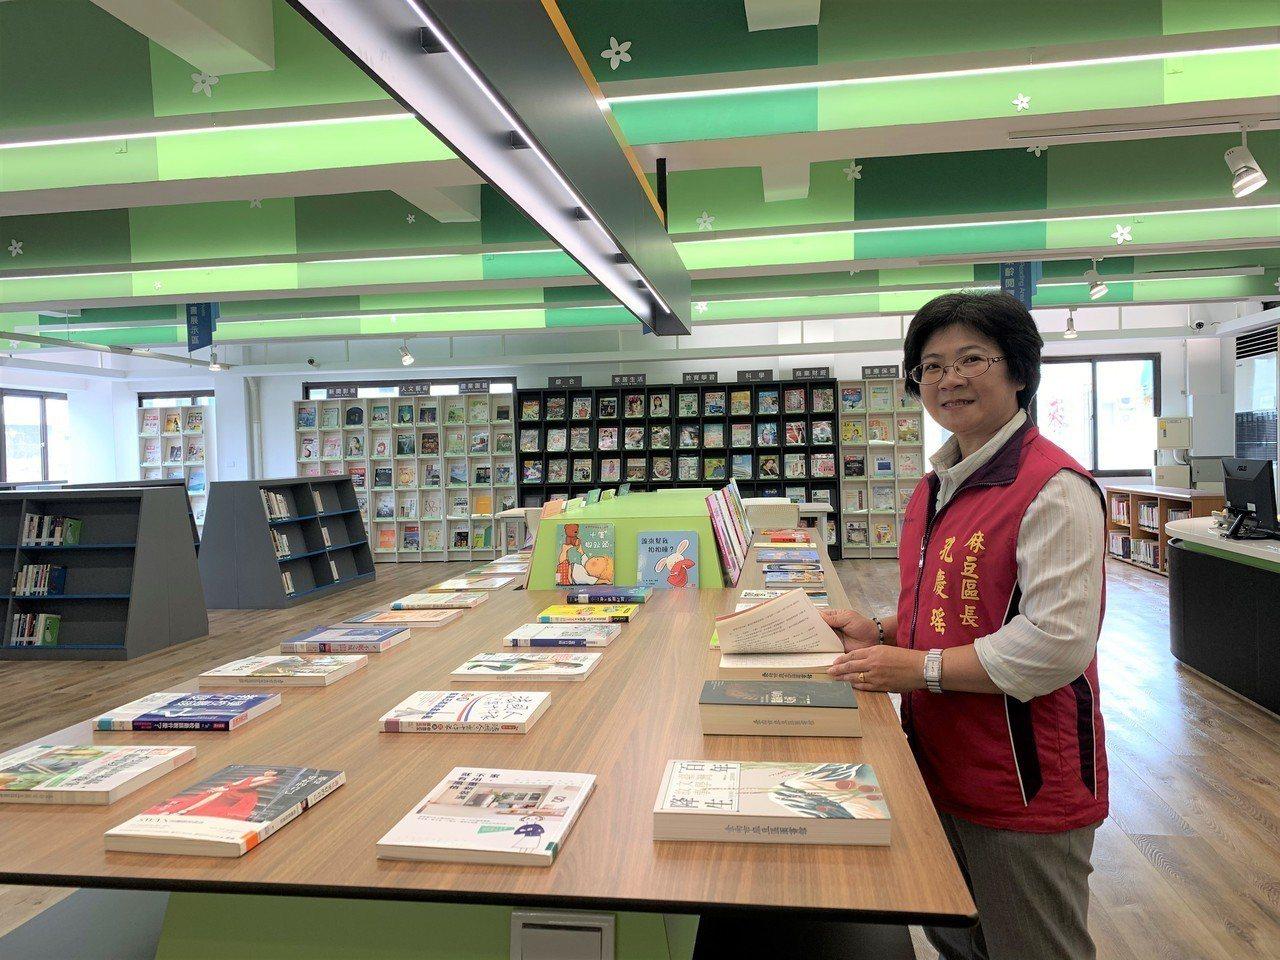 台南市麻豆區圖書館新書展示區。記者吳淑玲/攝影